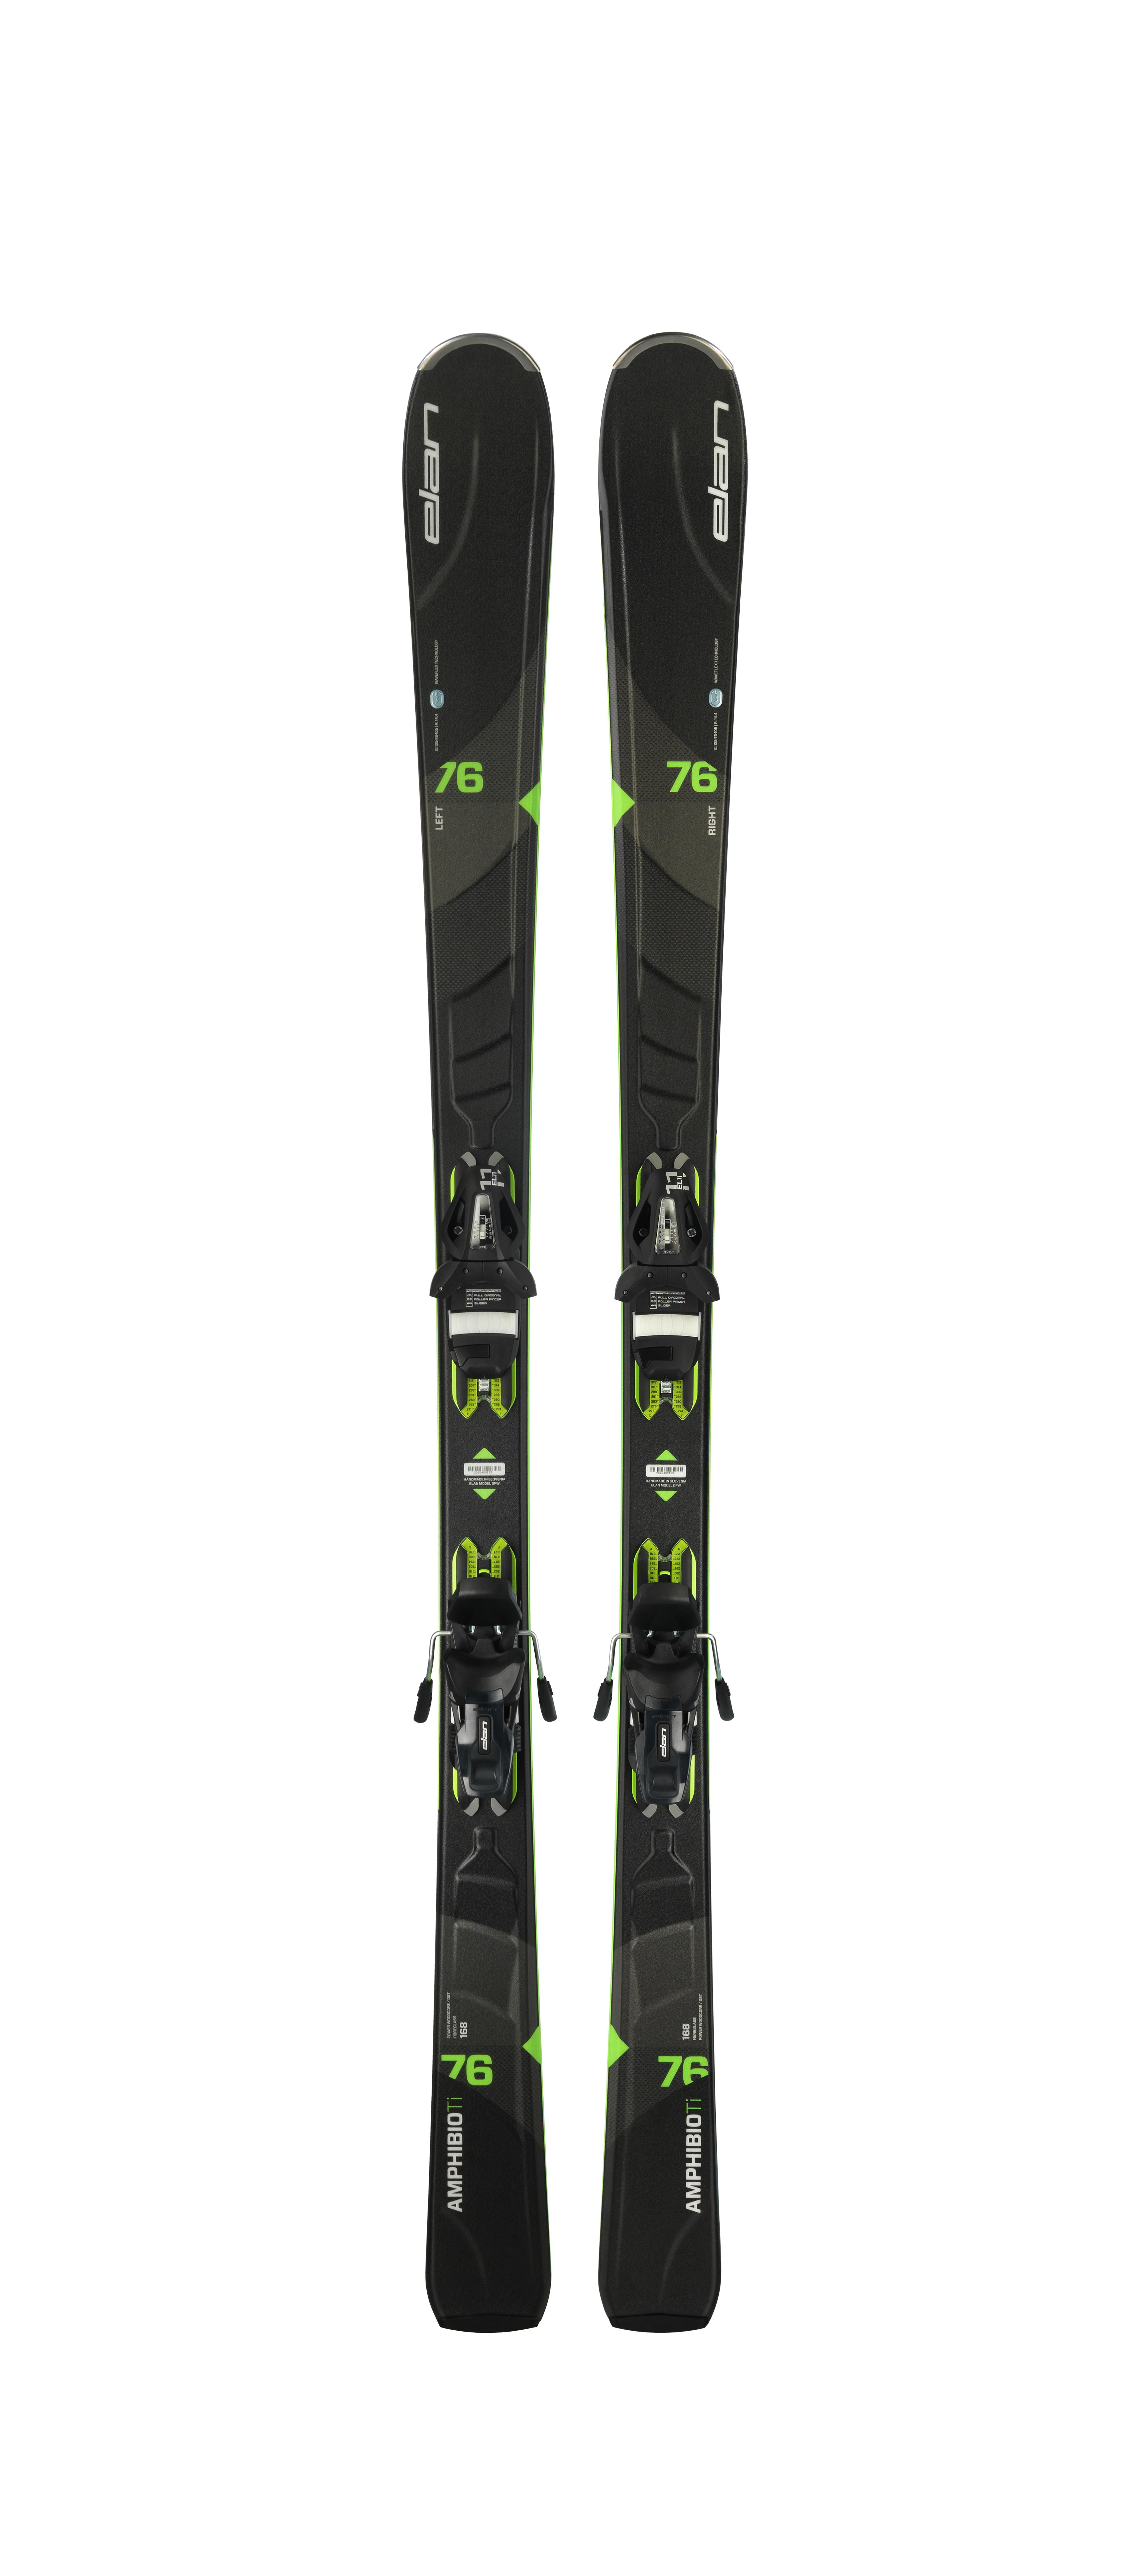 Горные лыжи с креплениями Elan 2017-18 AMPHIBIO 76 TI B/G PS EL11.0, Горные лыжи - арт. 889830420